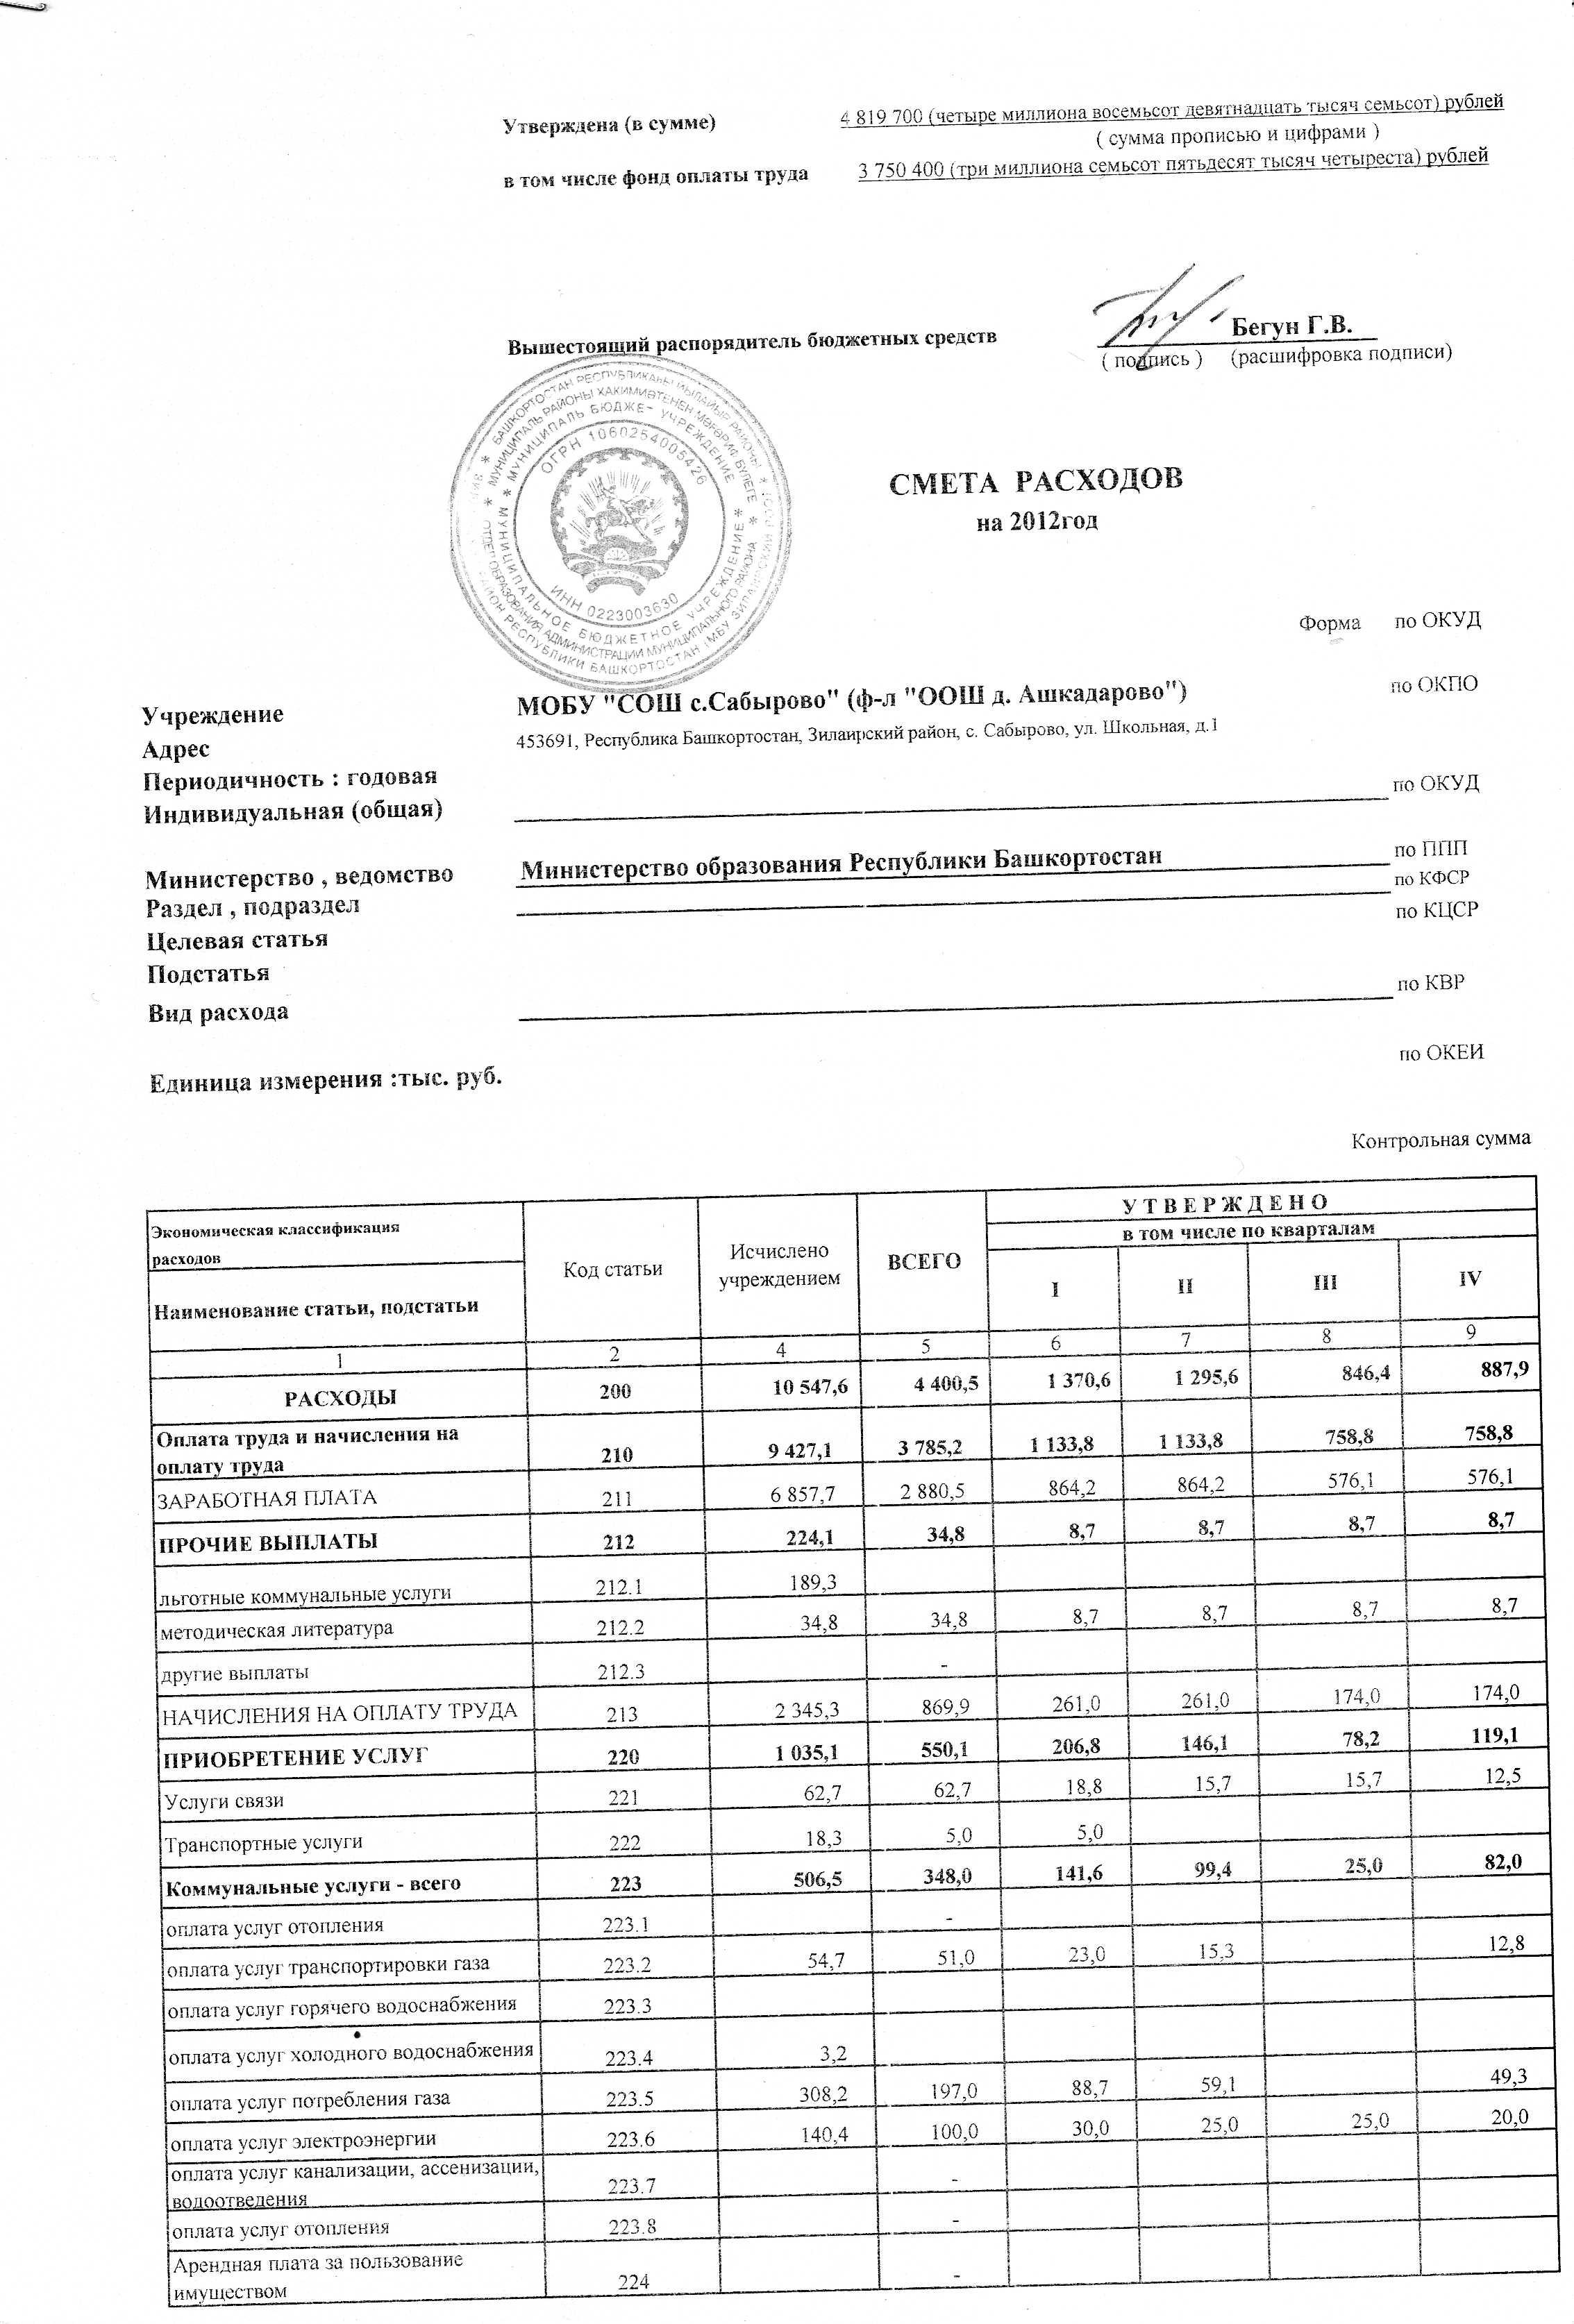 Гдз по русскому 8 класс булатова